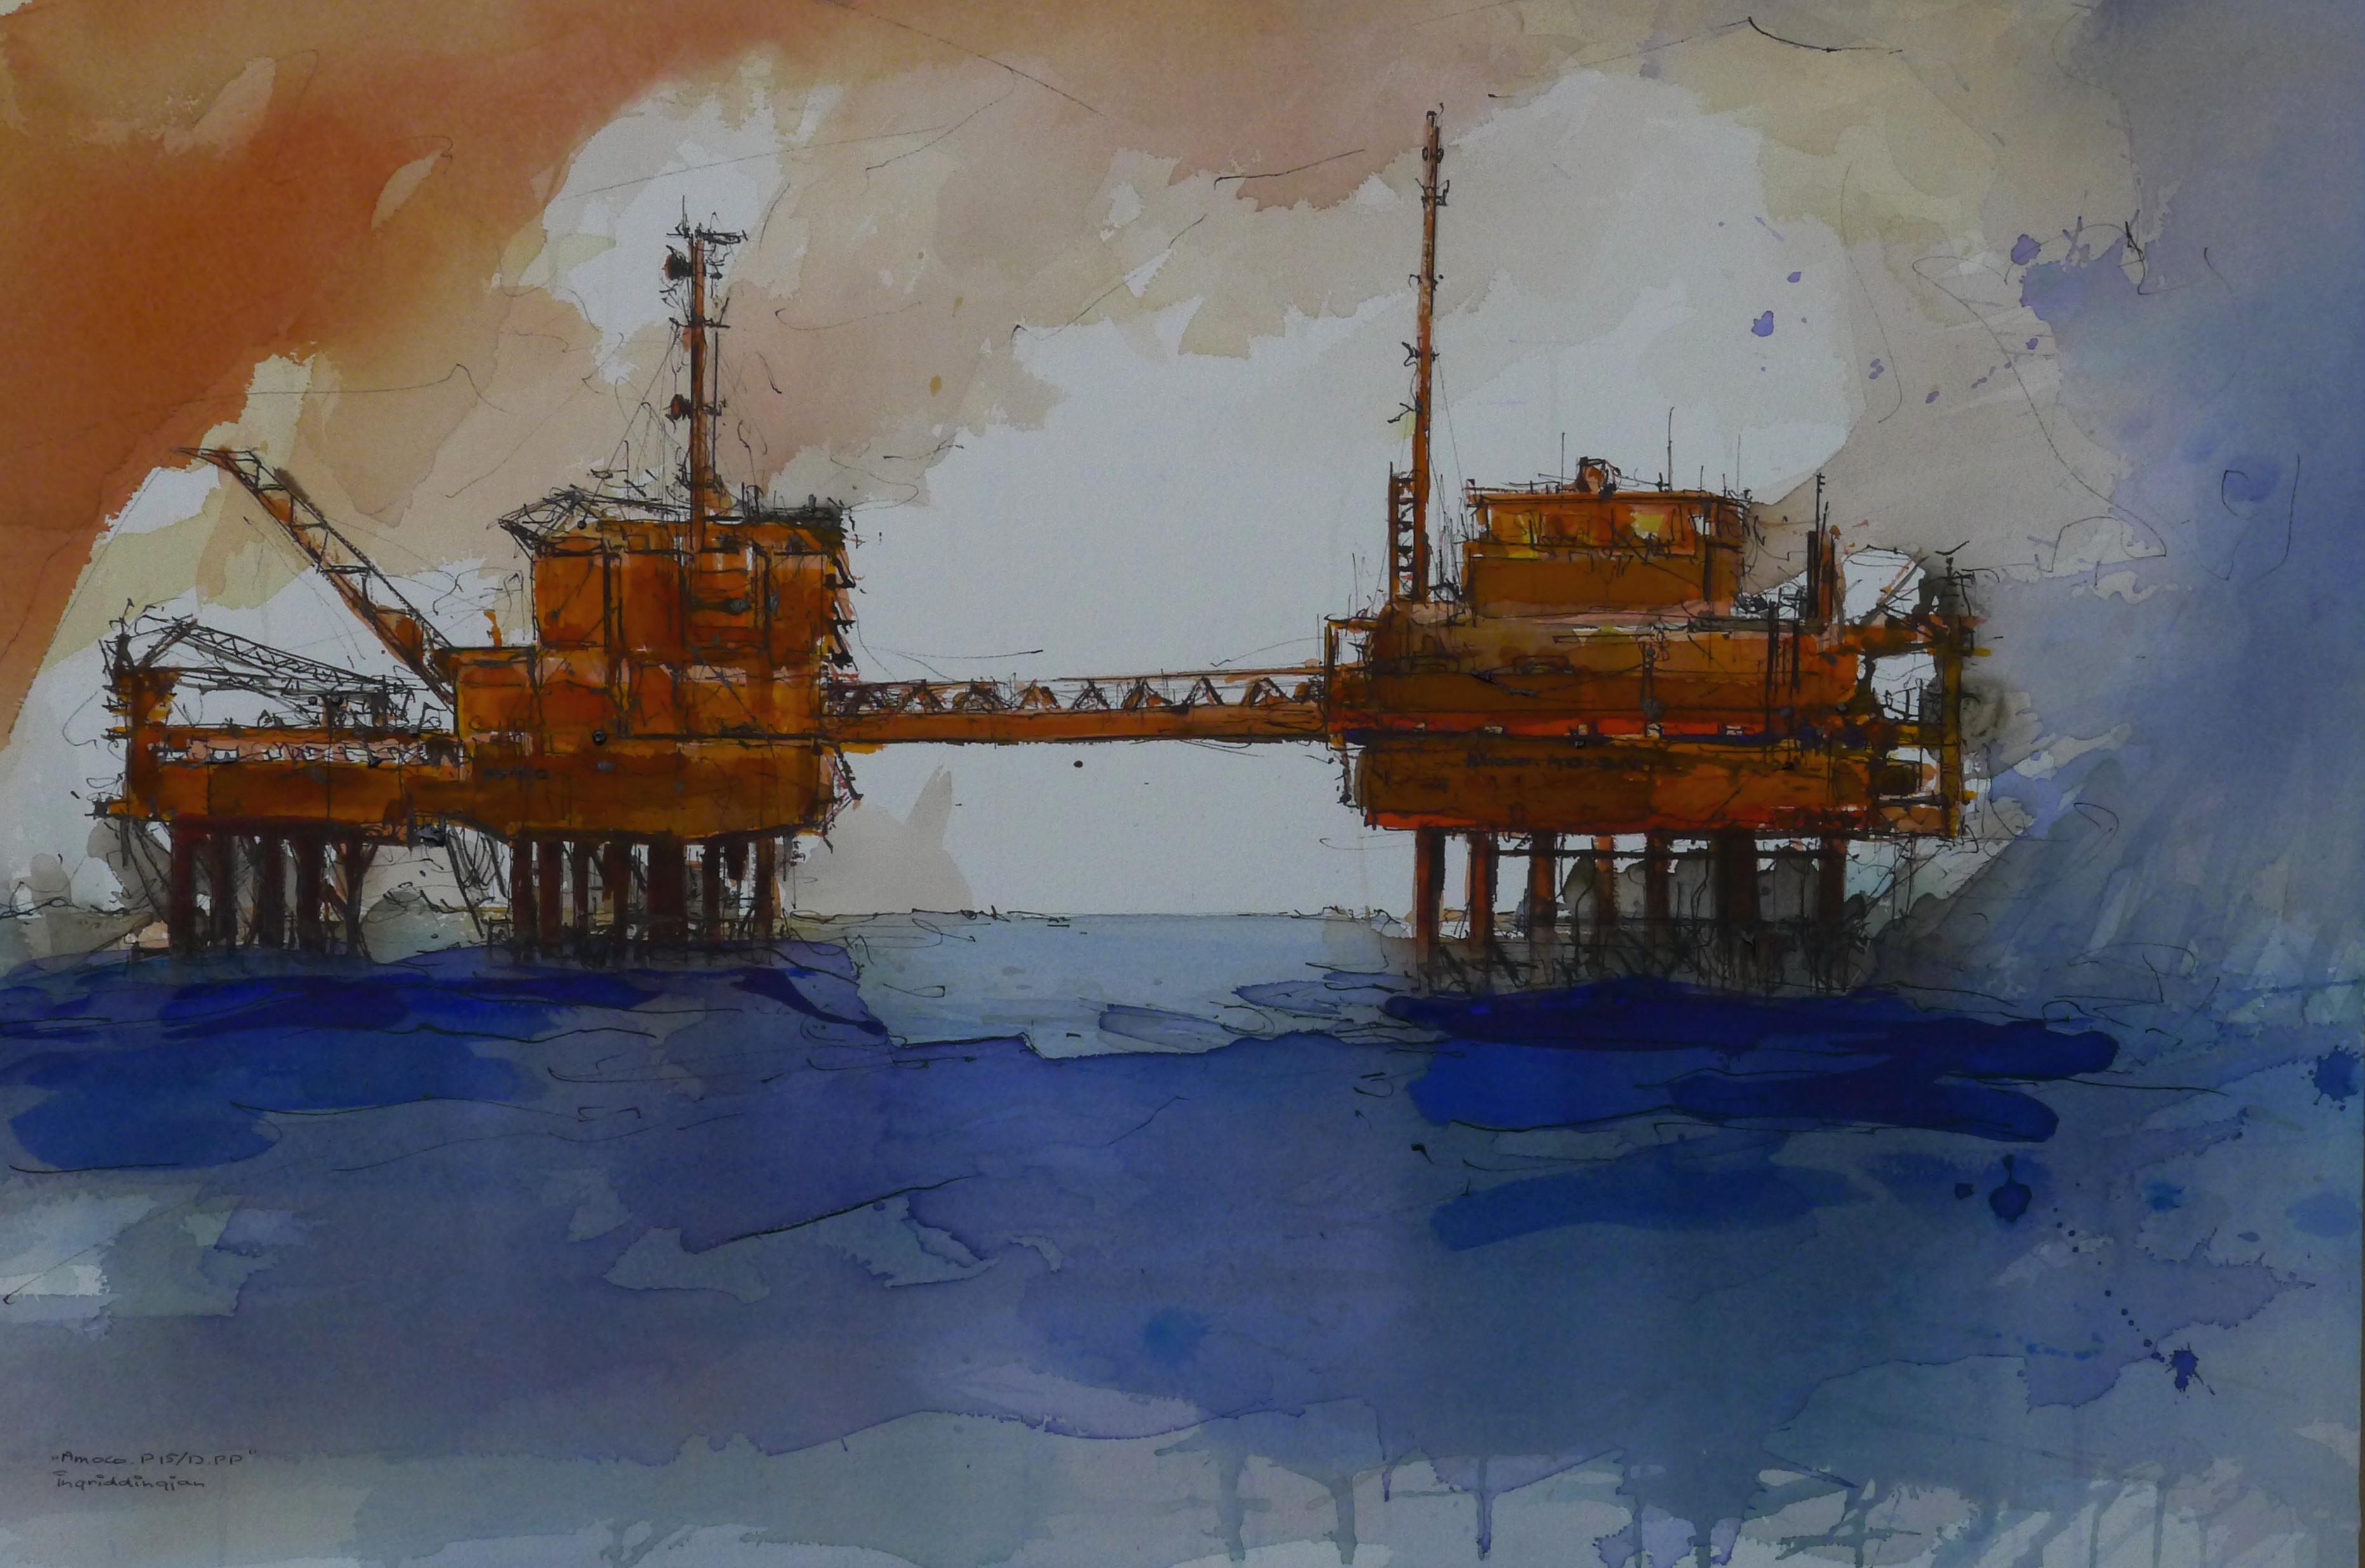 Ingrid Dingjan aquarel 70x90, werkeiland in de Noordzee